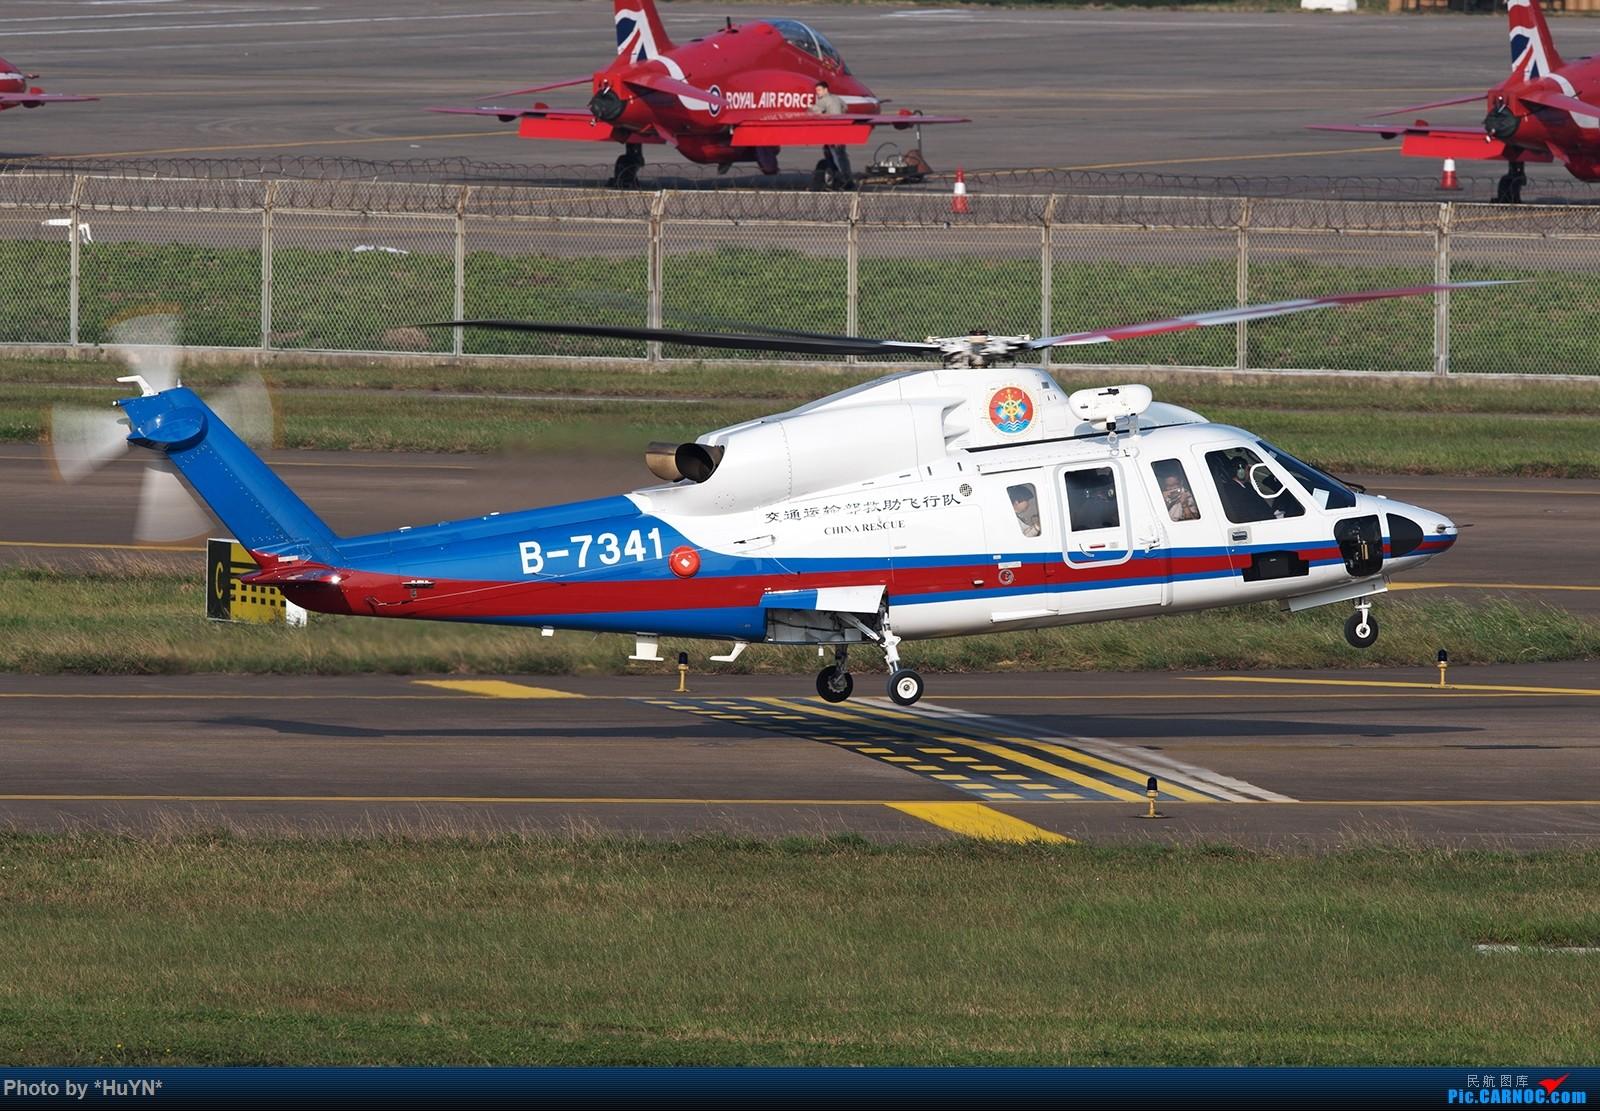 [原创]直升机一枚 SIKORSKY S76D B-7341 中国珠海金湾机场